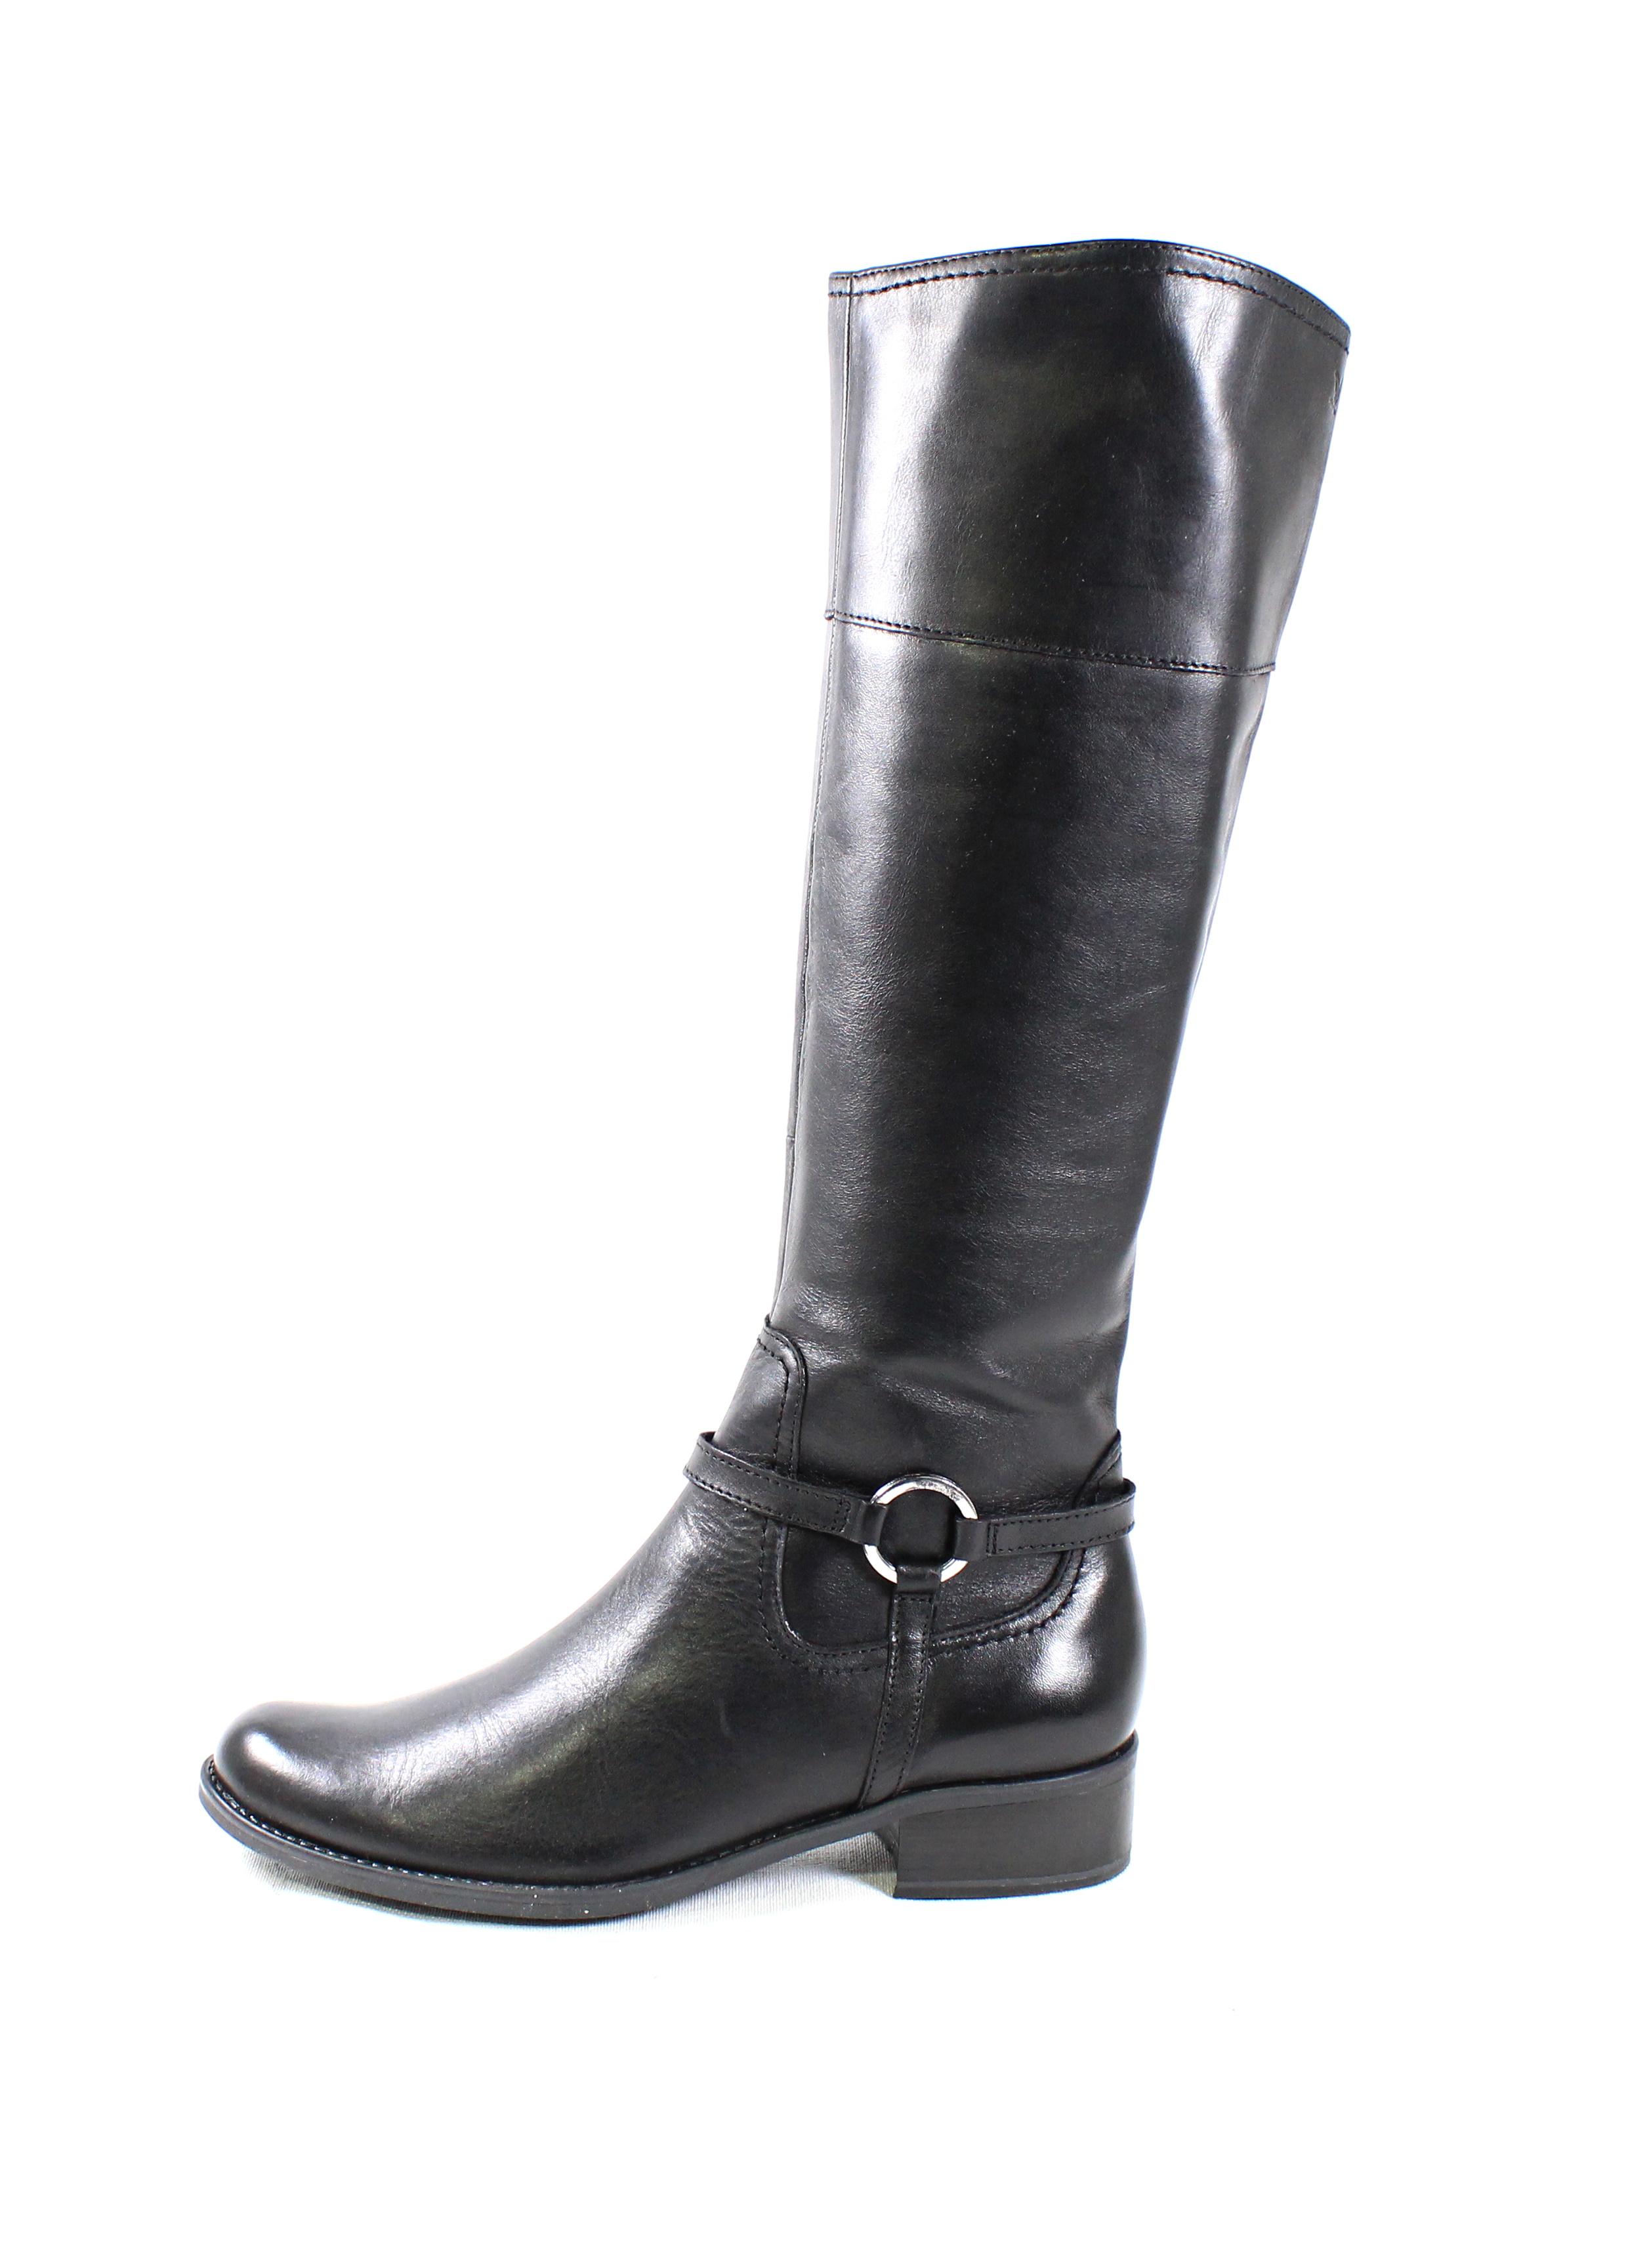 6b88d1bc01 Dámske čižmy CAPRICE 9-25534-27 BLACK – Topánky Olympia shoes